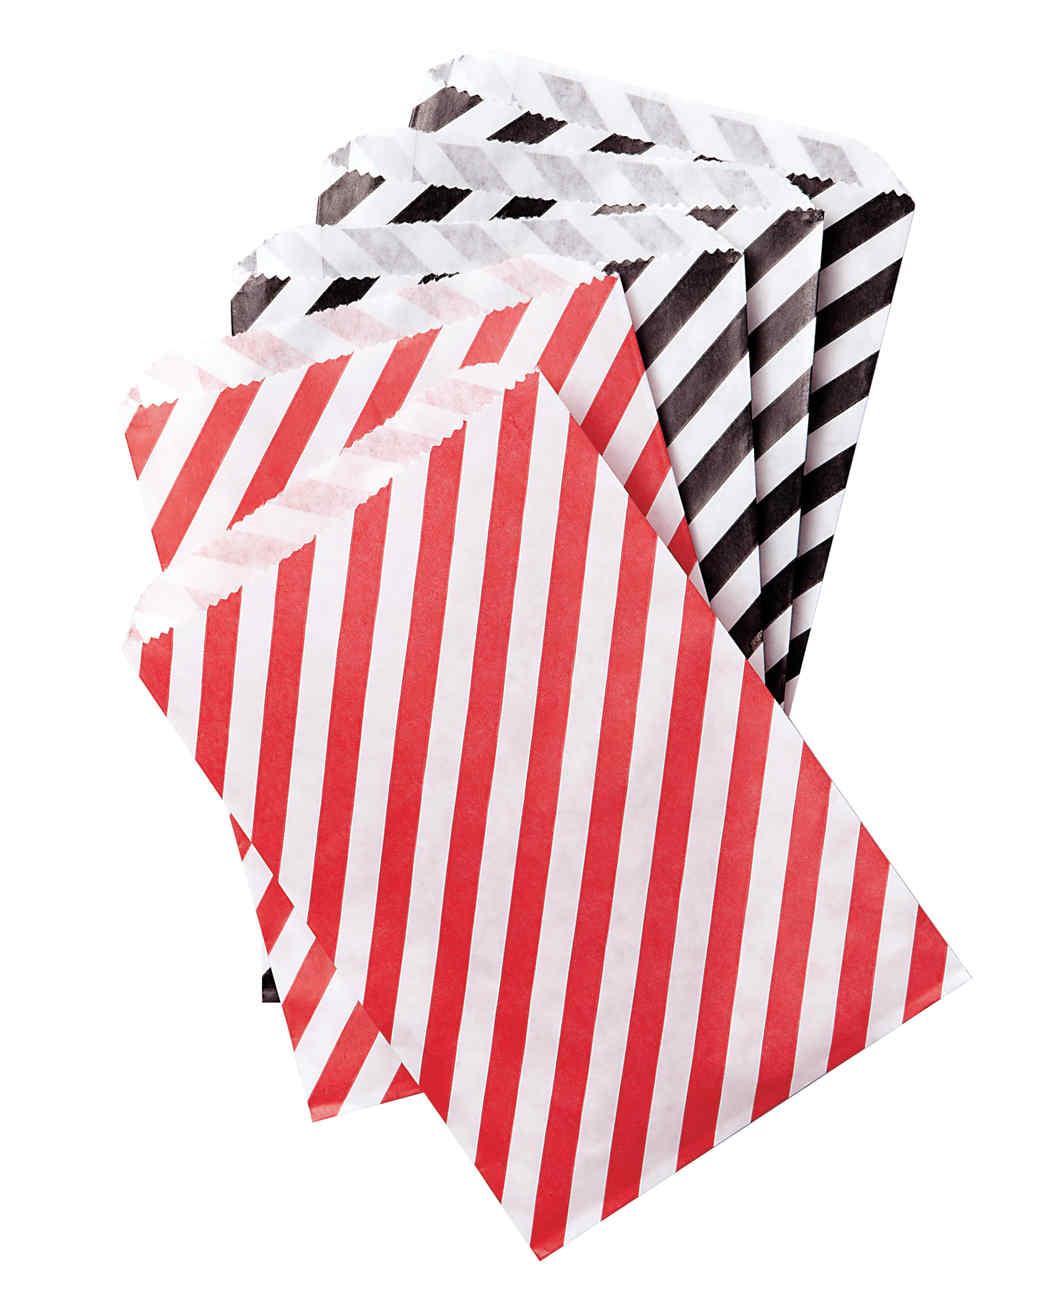 bags-008-mld109144.jpg